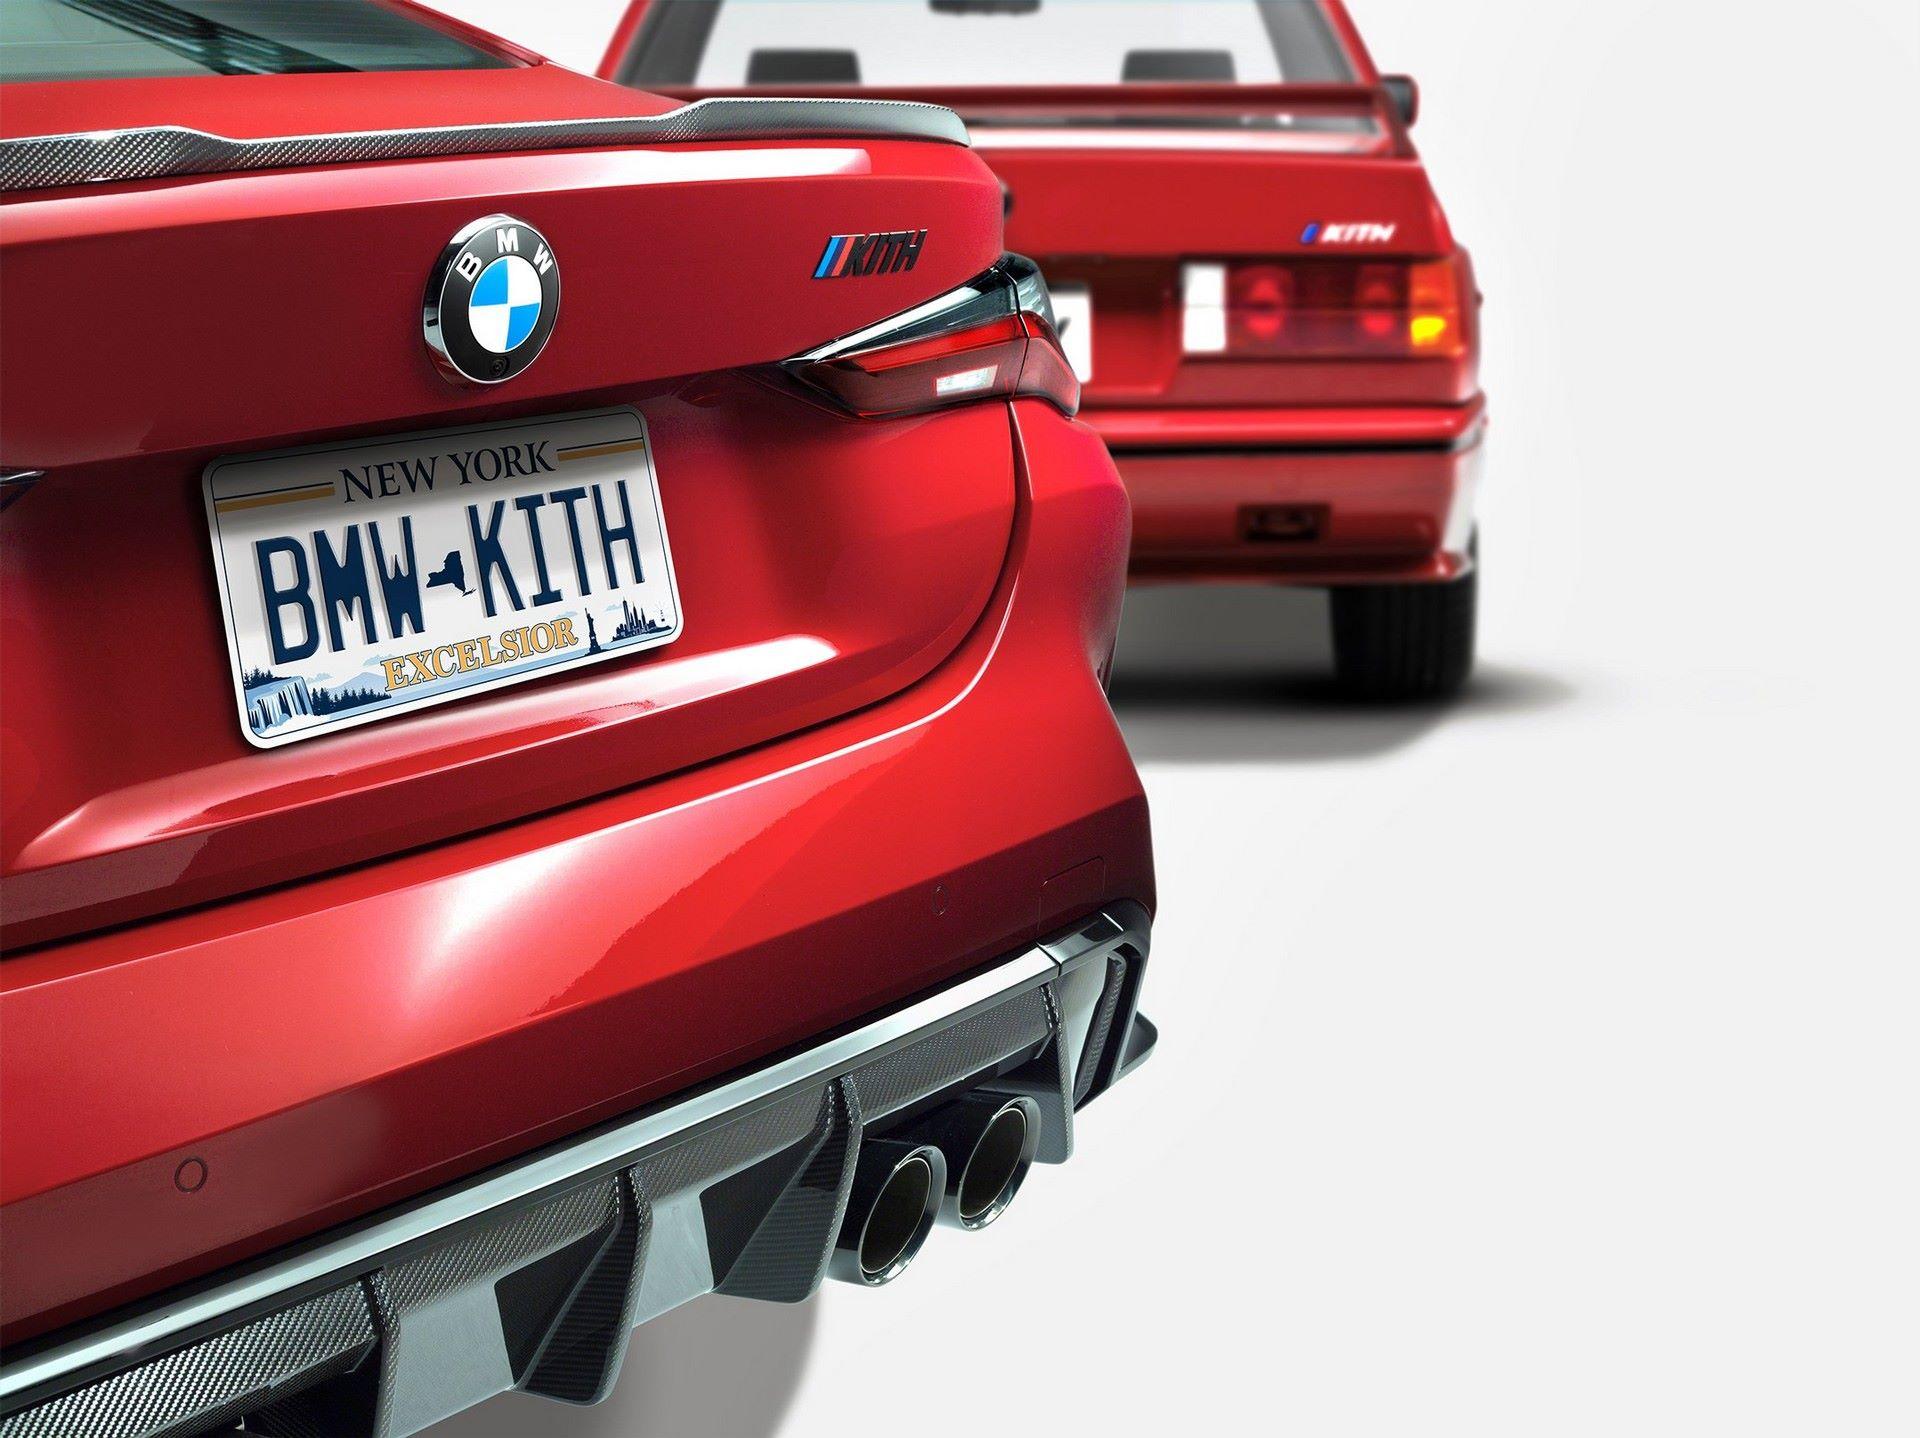 BMW-M3-E30-Ronnie-Fieg-Edition-και-M4-Kith-Concept-3